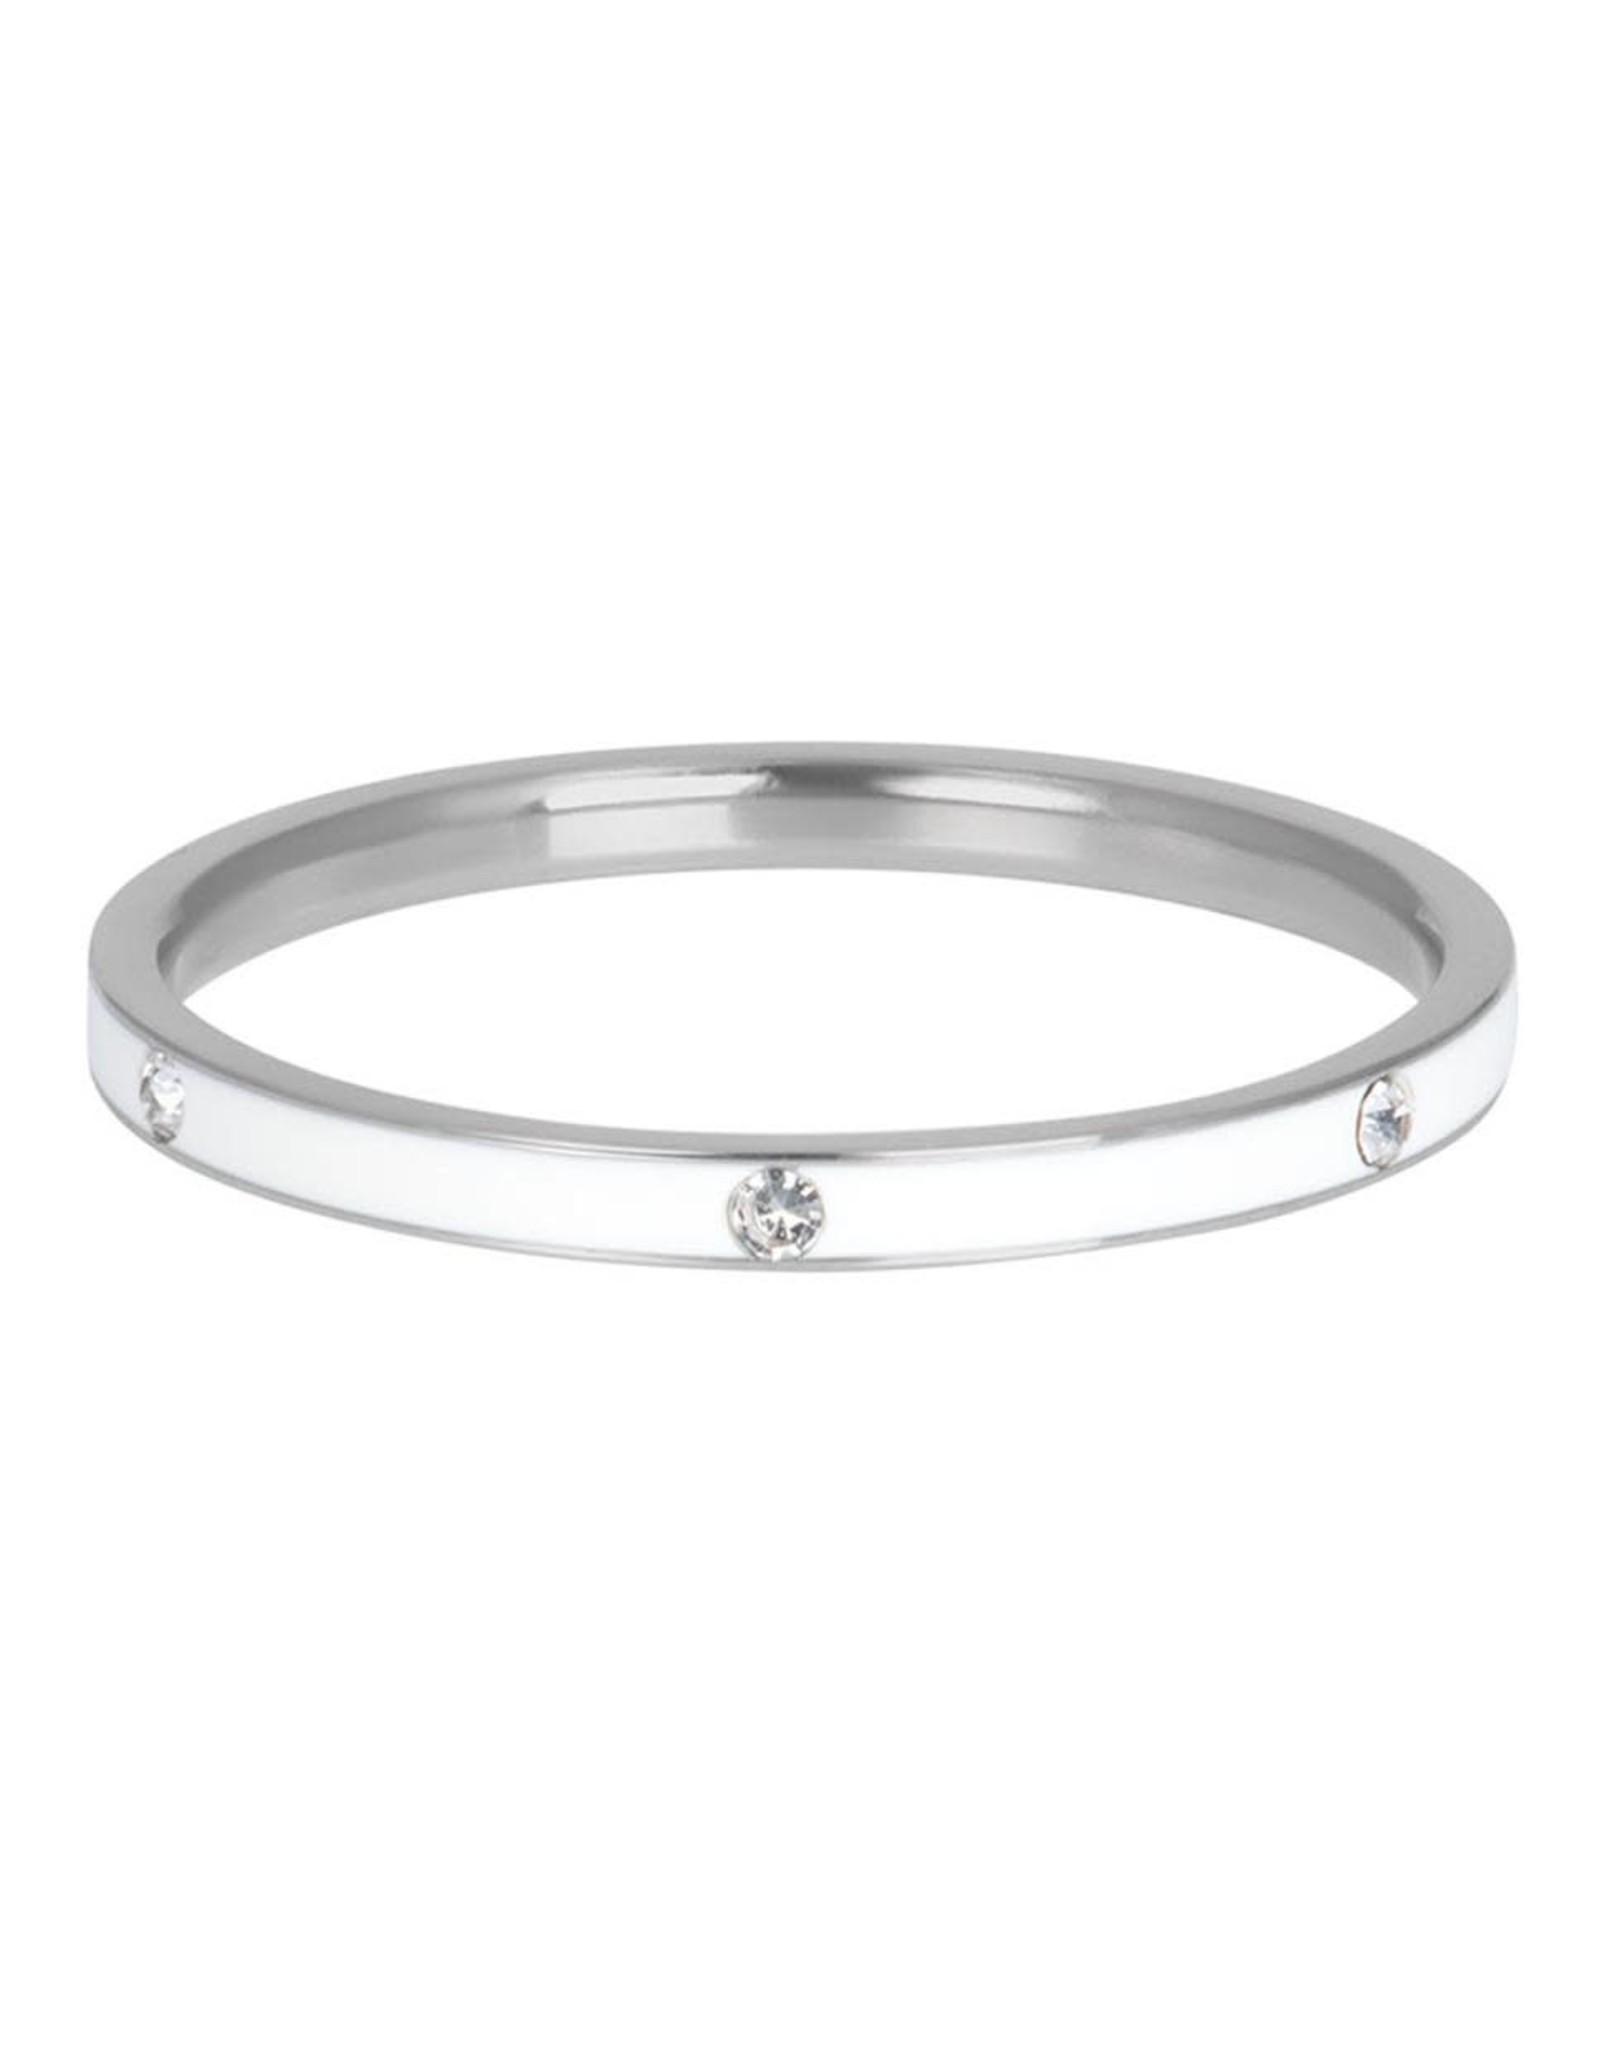 iXXXi Jewelry iXXXi vulring Nova 2mm